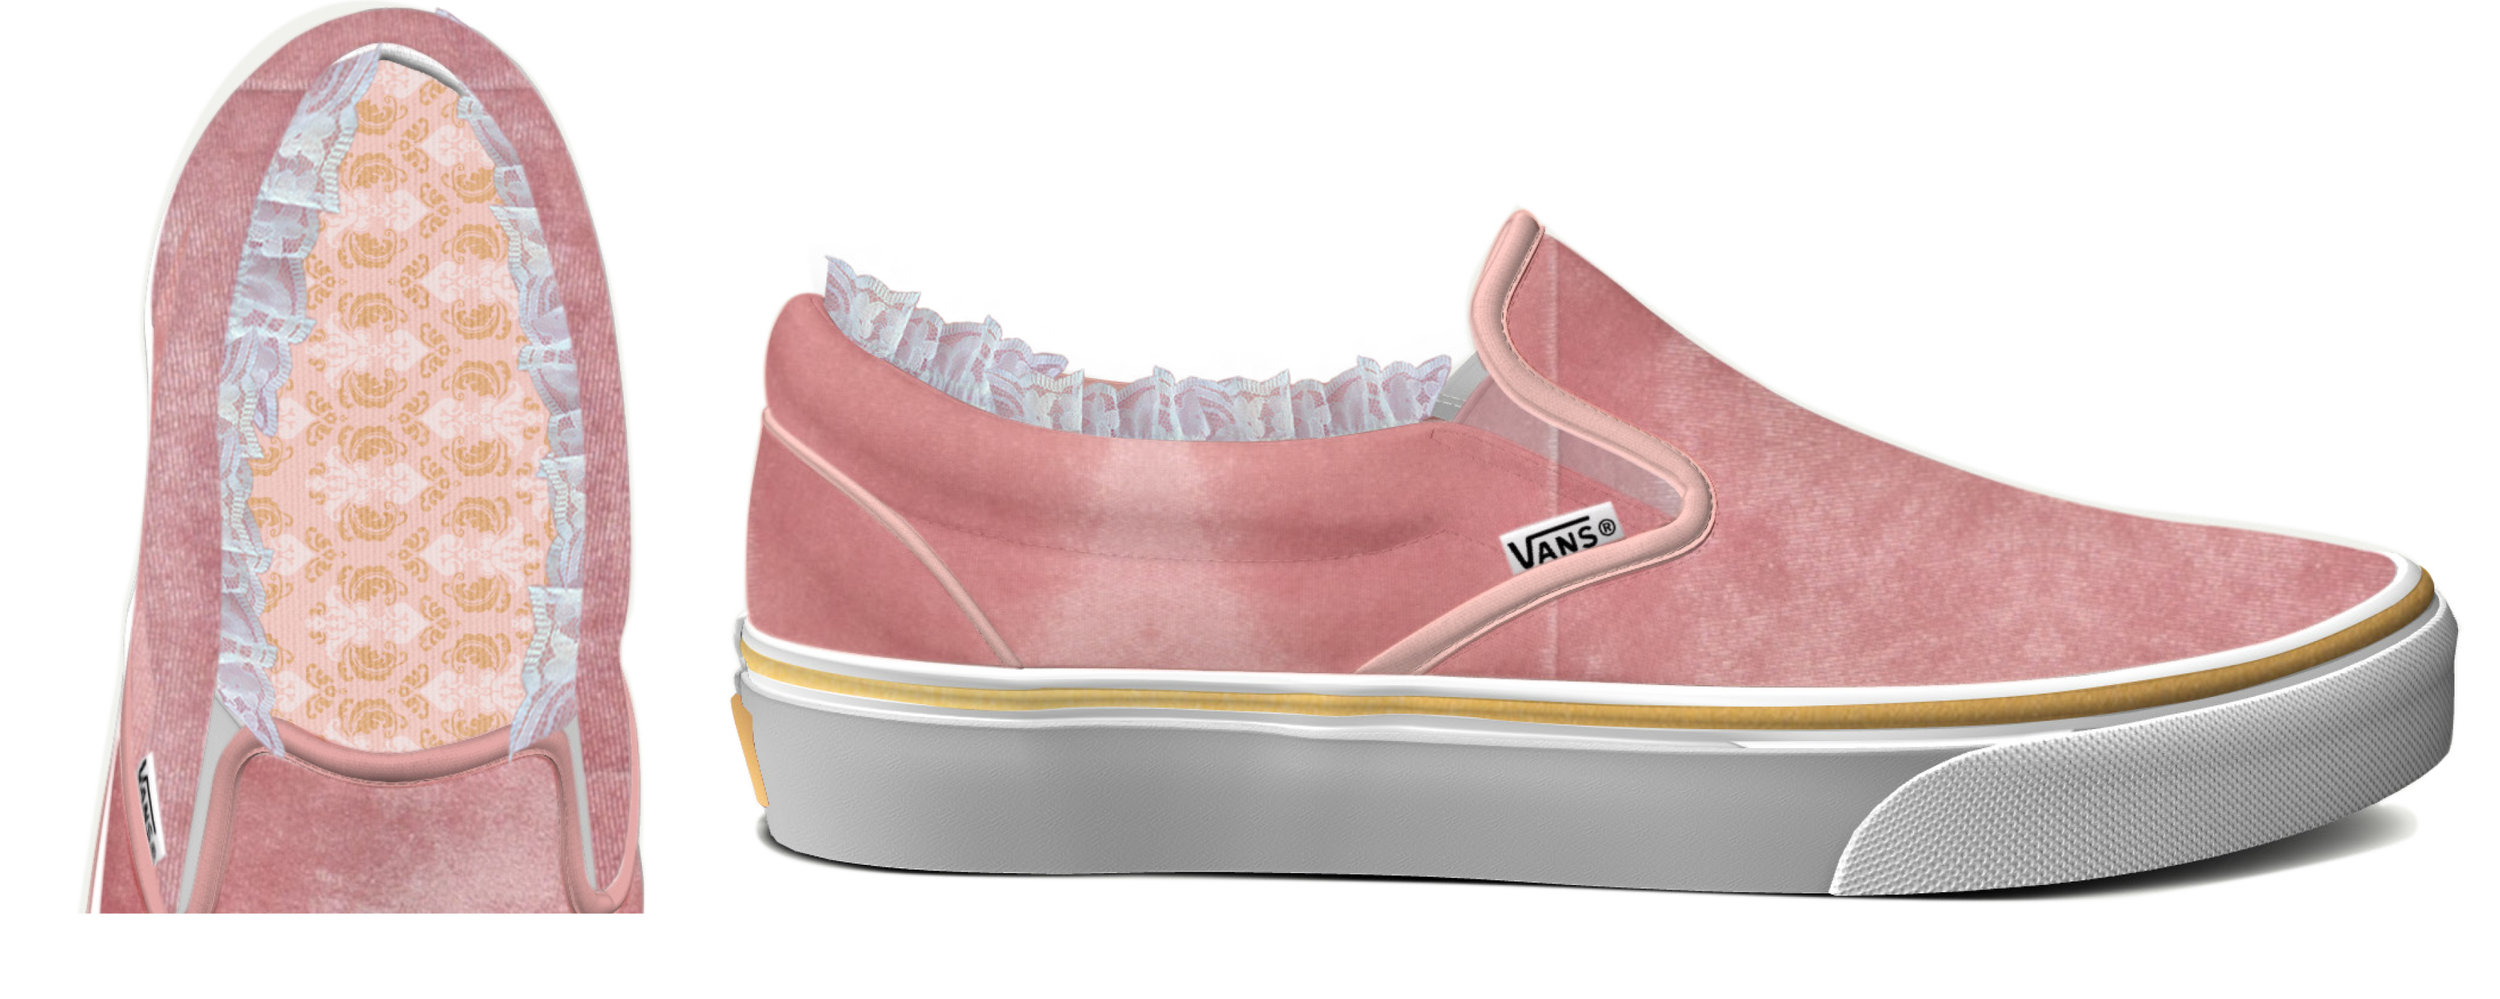 Velvet slip on